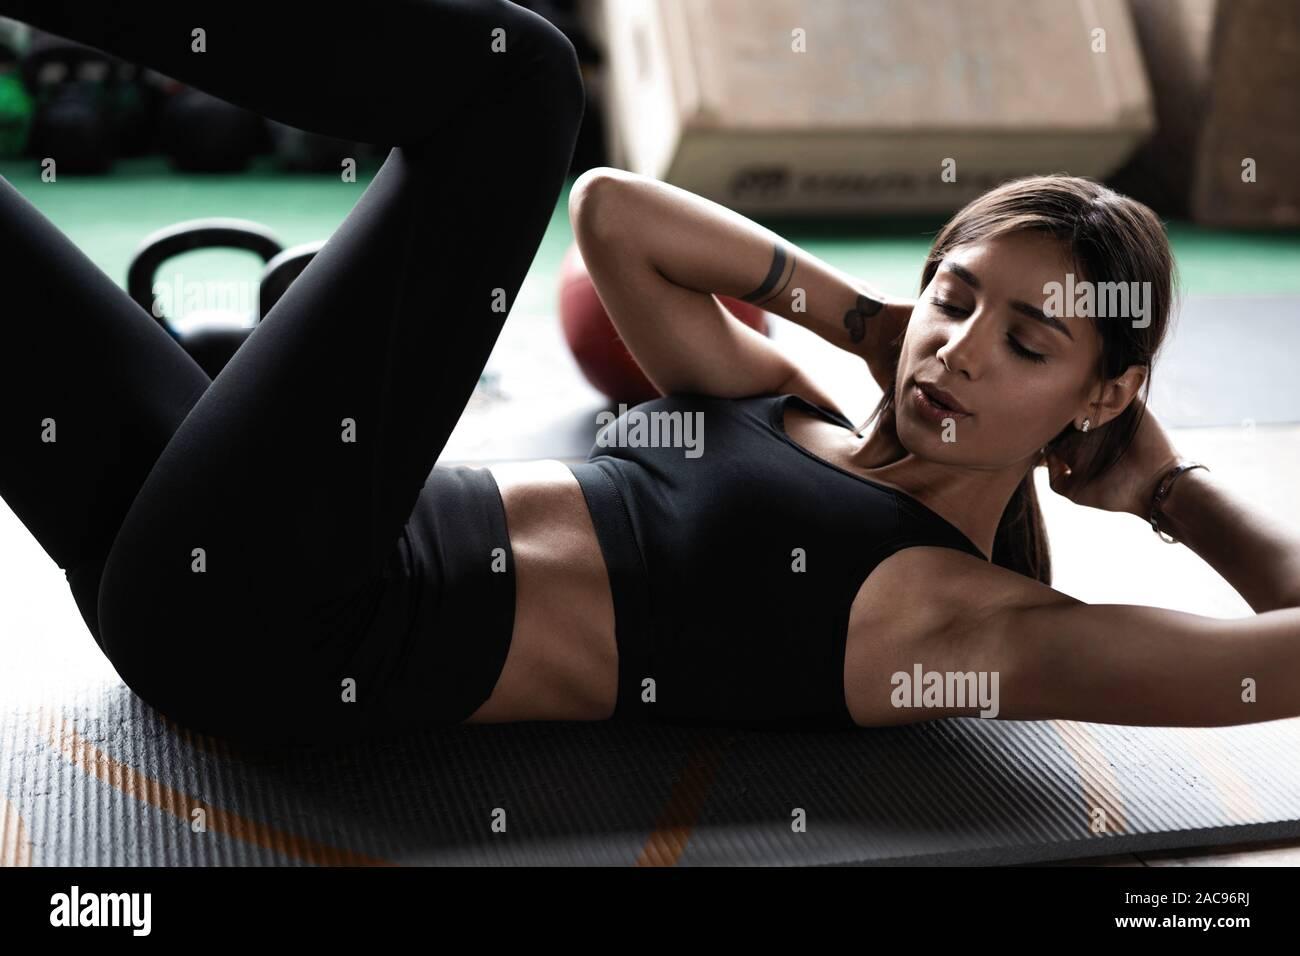 Deportes mujer haciendo bicicleta crunch entrenar en el gimnasio. Hembra en el gimnasio haciendo ejercicios de ABS de ejercicio en el gimnasio. Foto de stock